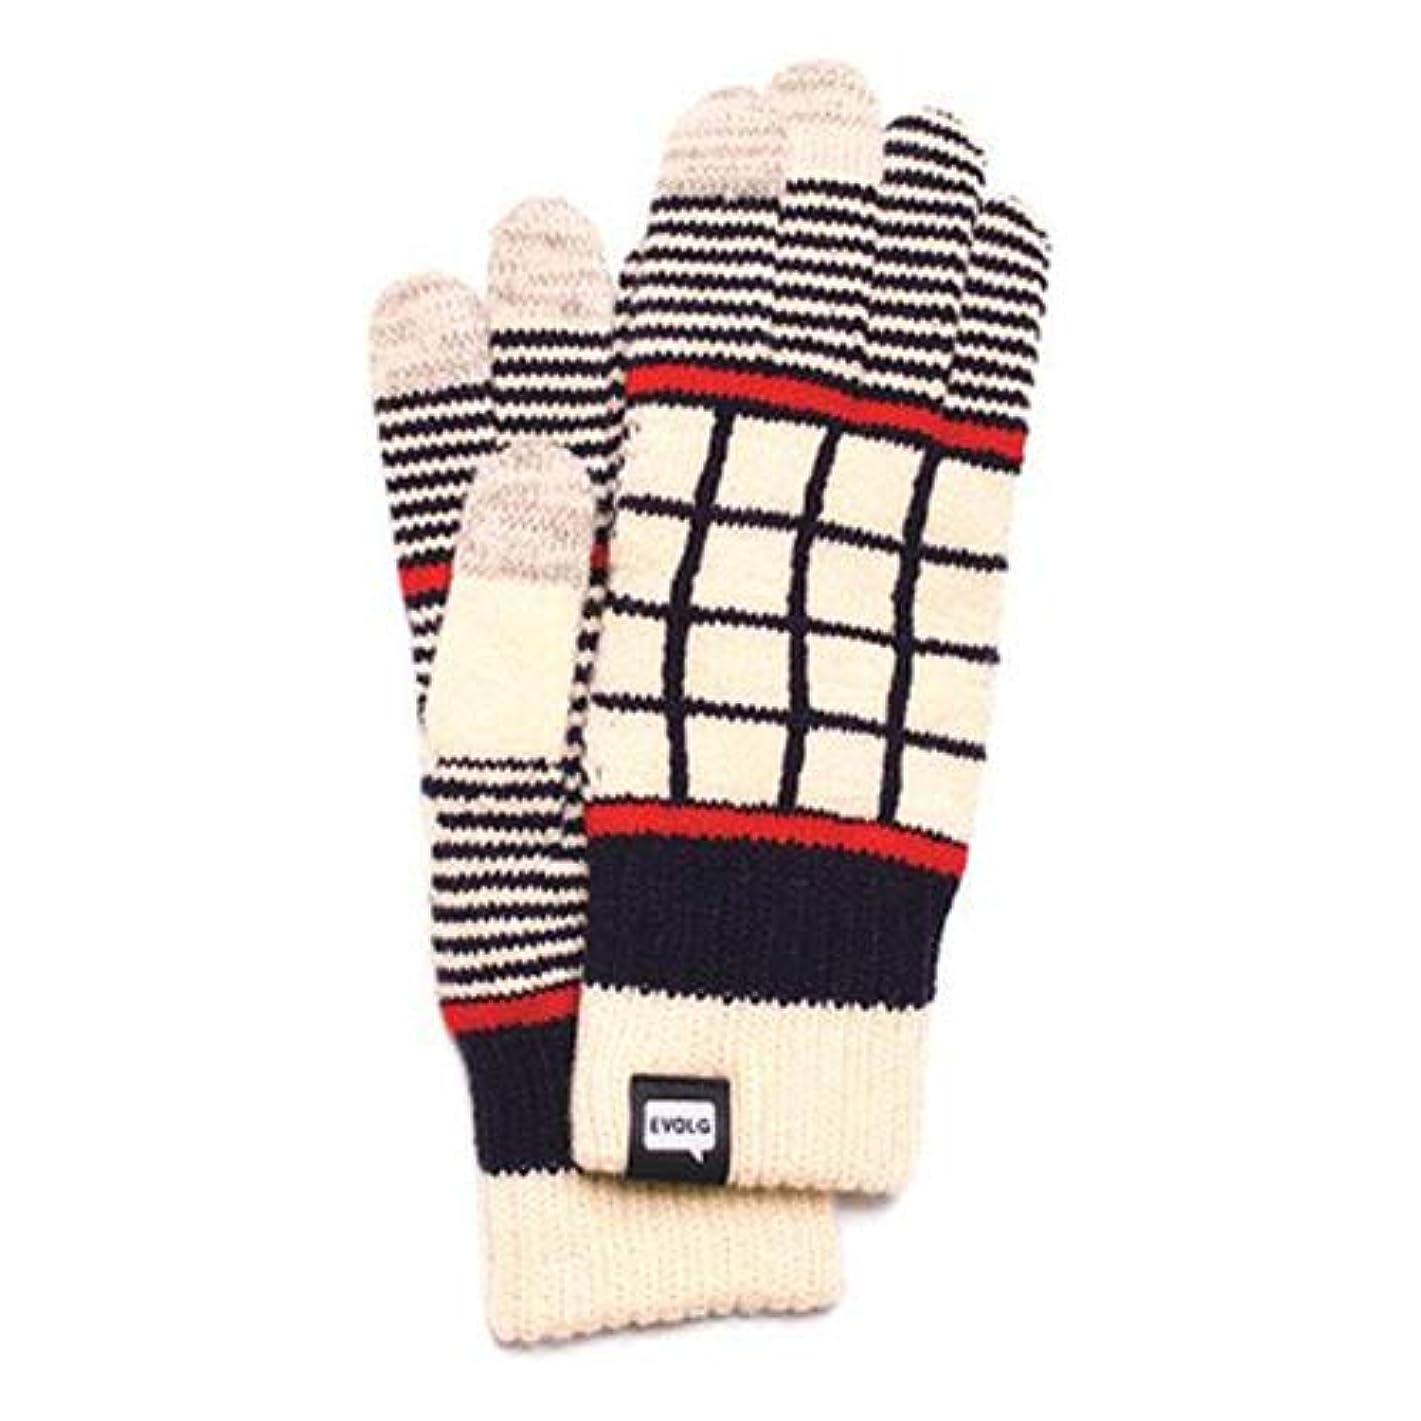 ブルゴーニュ実業家等々EVOLG(エヴォログ) タッチパネル対応手袋 LATTICE LET 2519 バニラ×ネイビー フリーサイズ